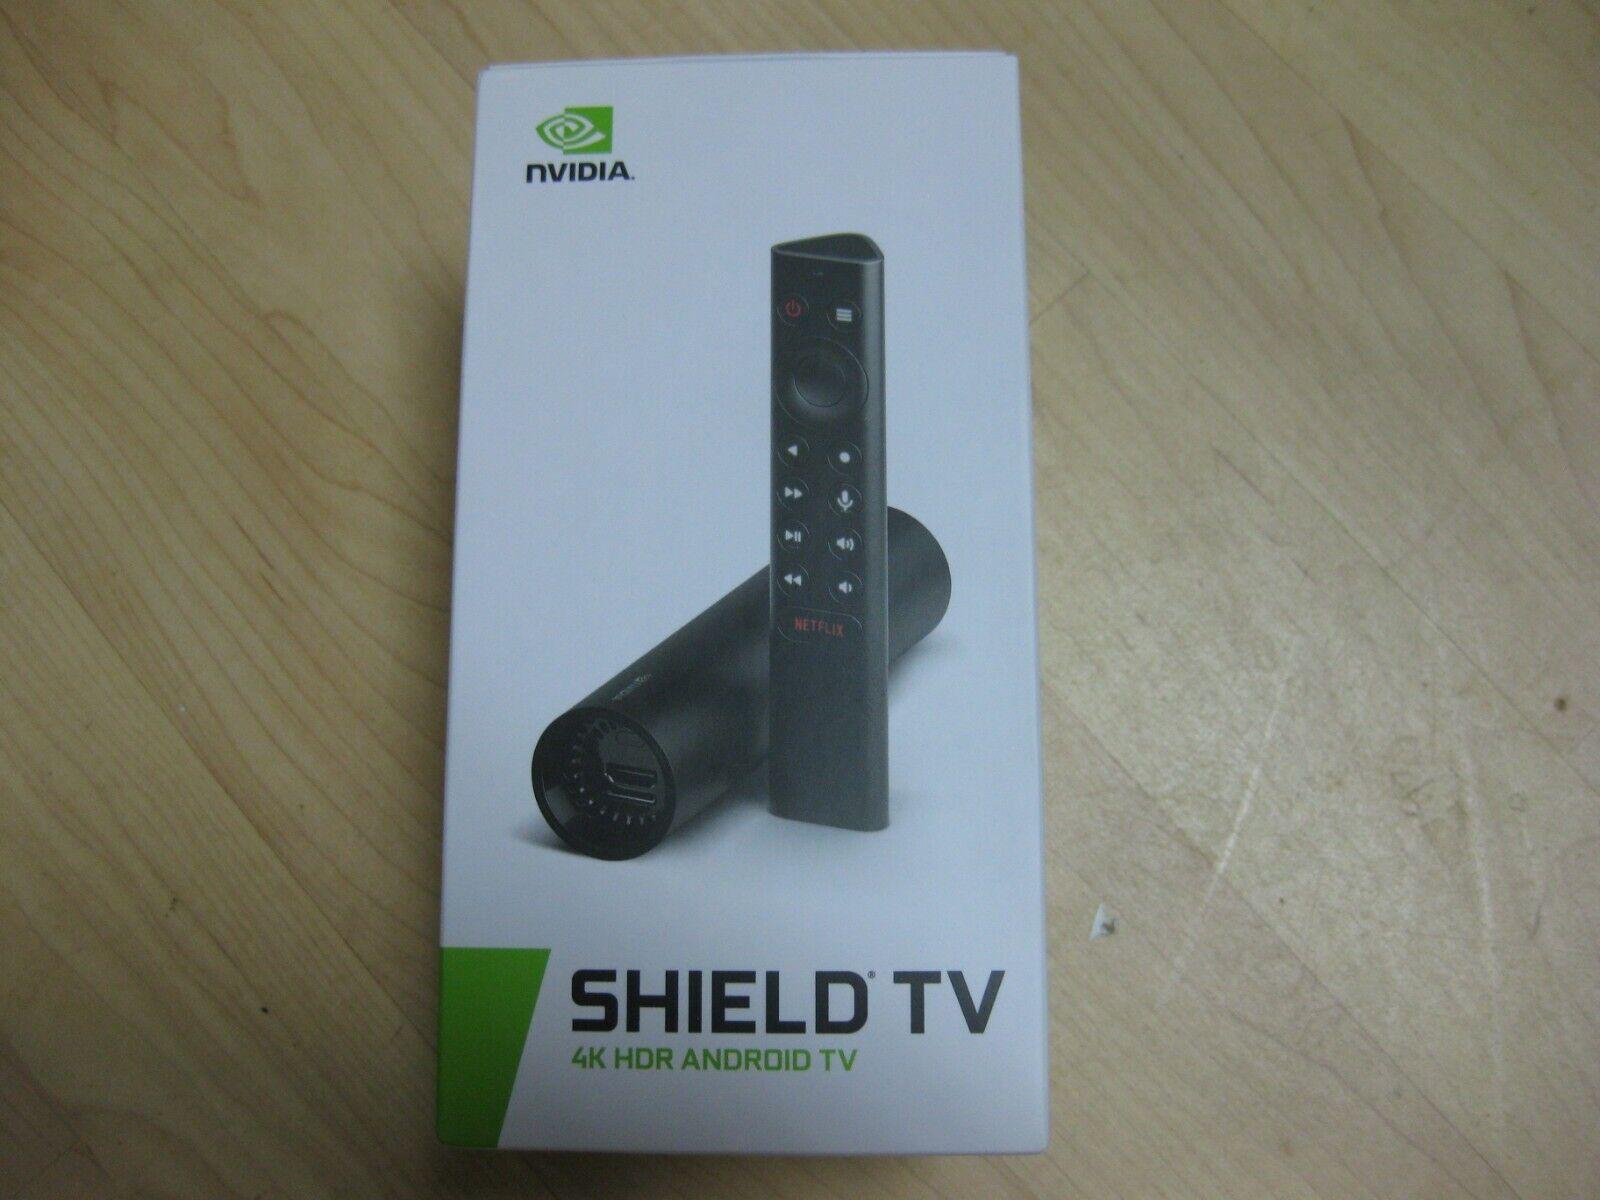 New! NVIDIA SHIELD Android TV HDR 4K UHD Streaming Media Player android hdr media nvidia player shield streaming uhd